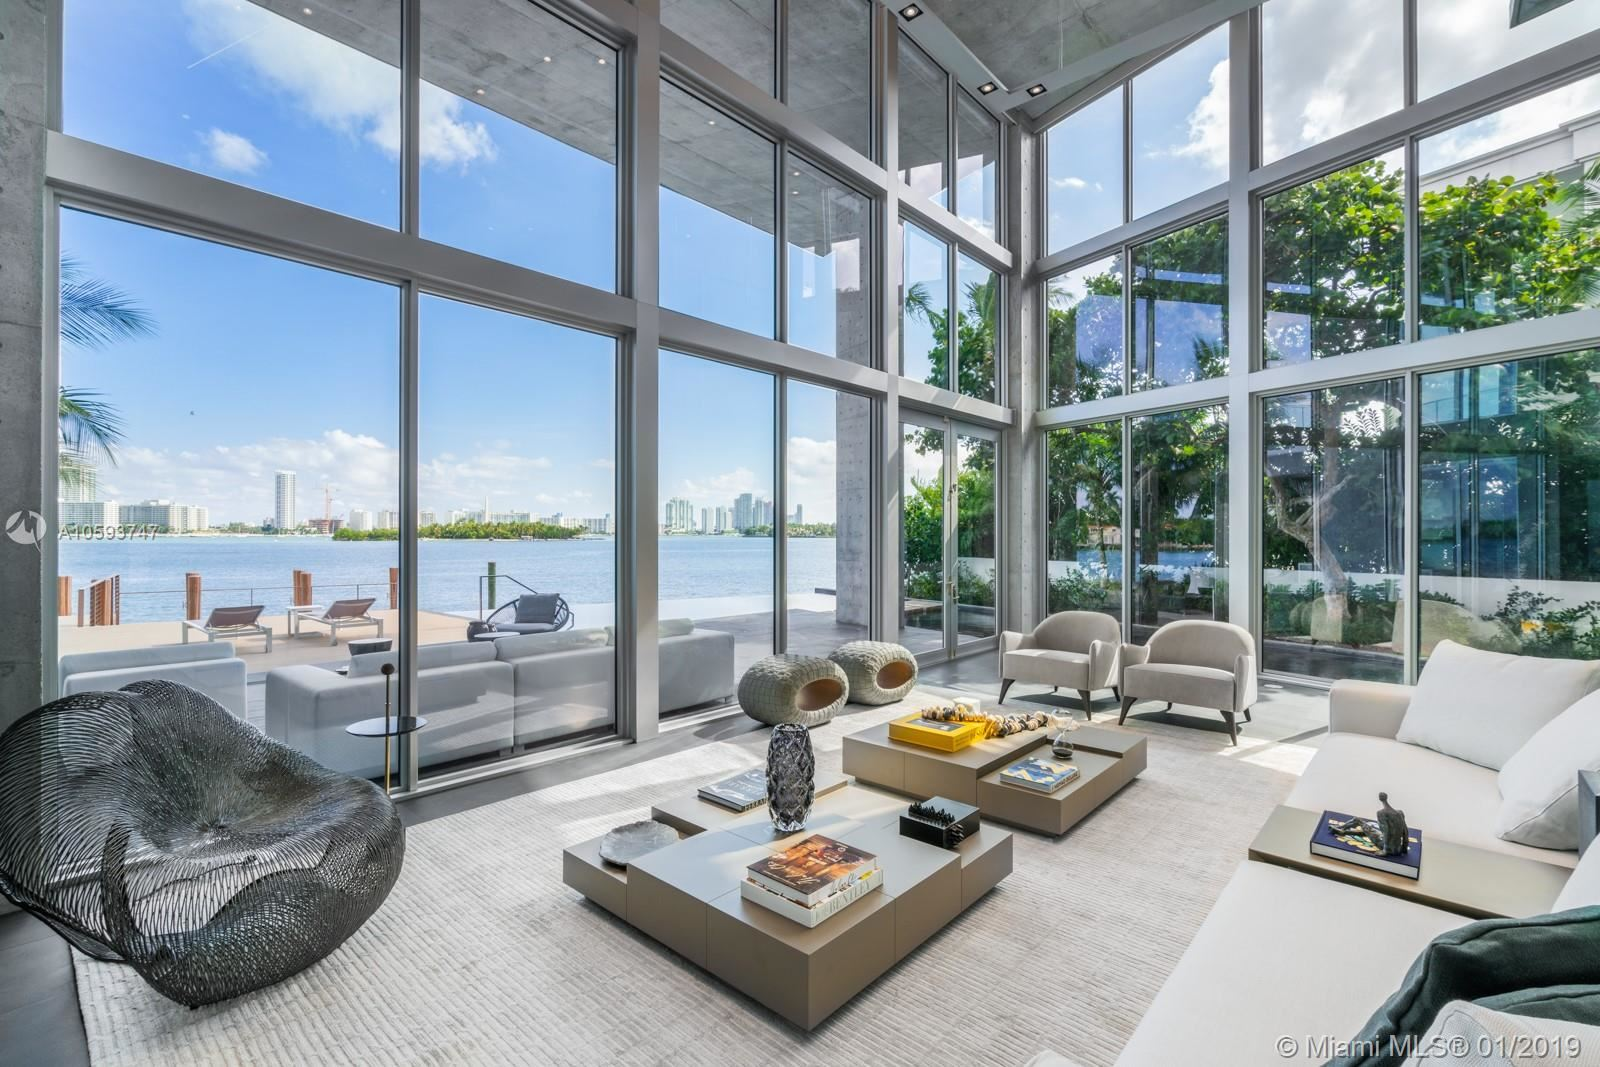 Photo 5 of Listing MLS a10593747 in 35 E Dilido Dr Miami Beach FL 33139